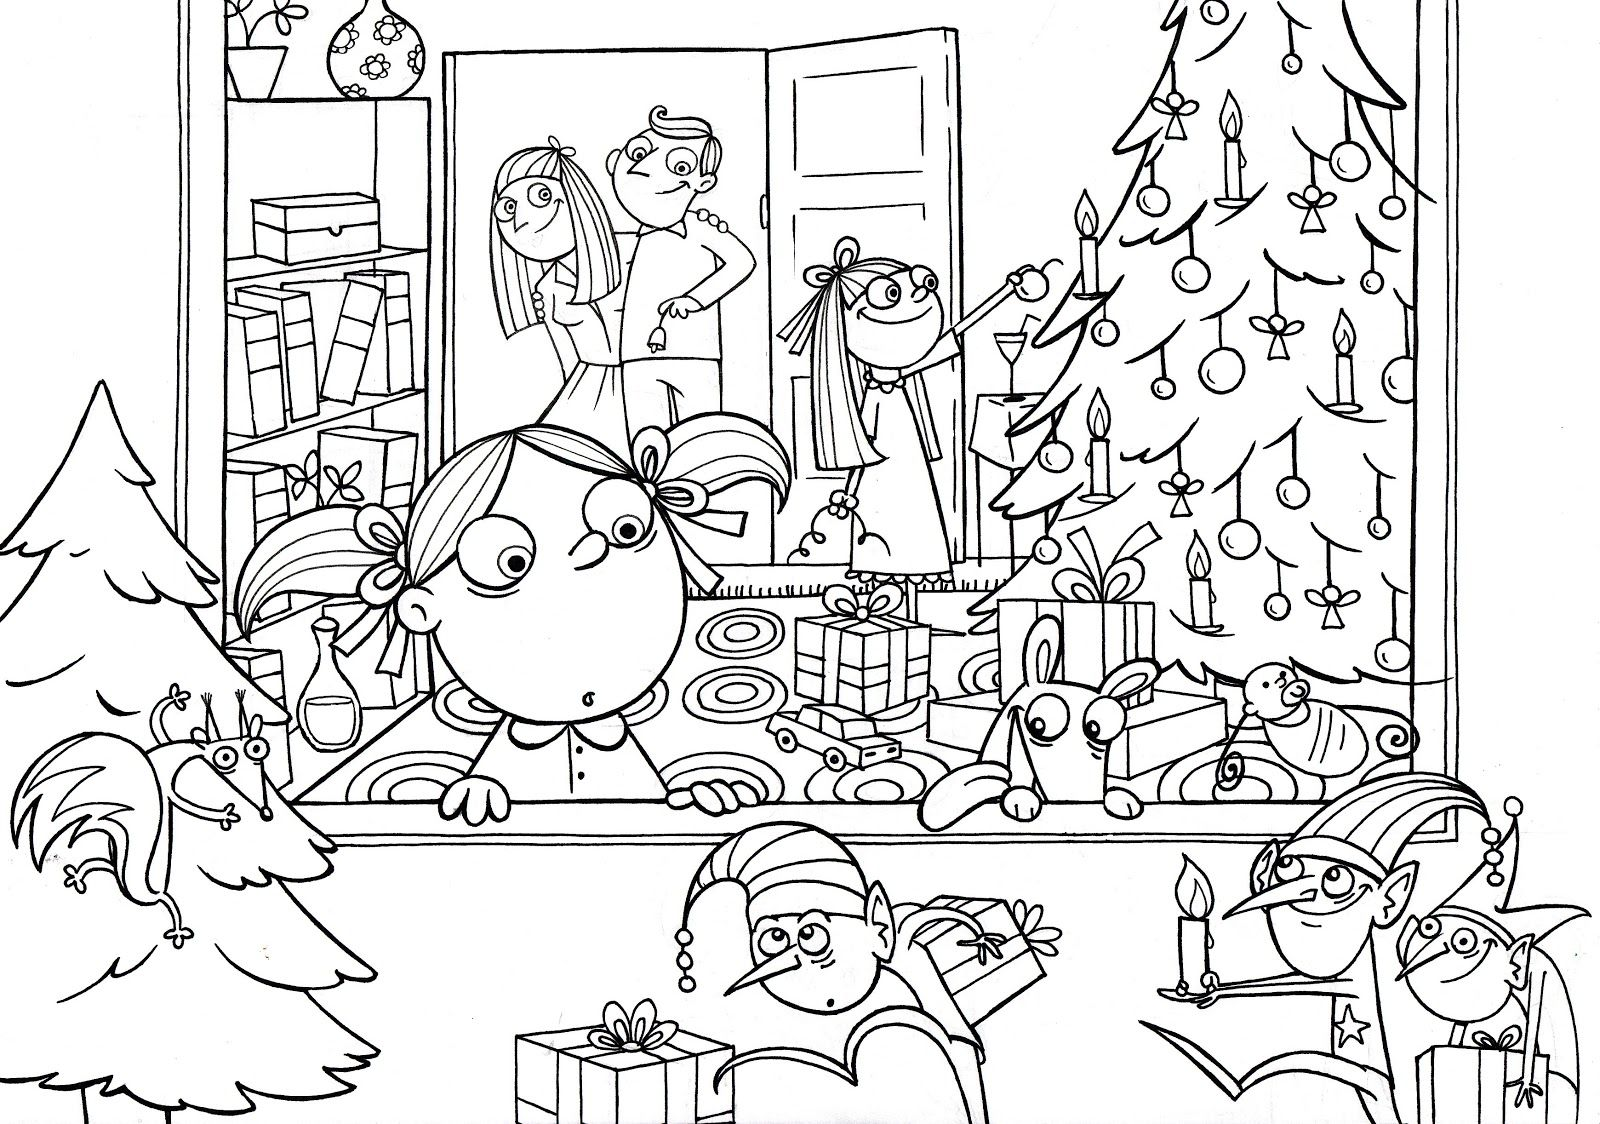 χριστουγεννιατικες ζωγραφιες για παιδια δημοτικου Αναζήτηση